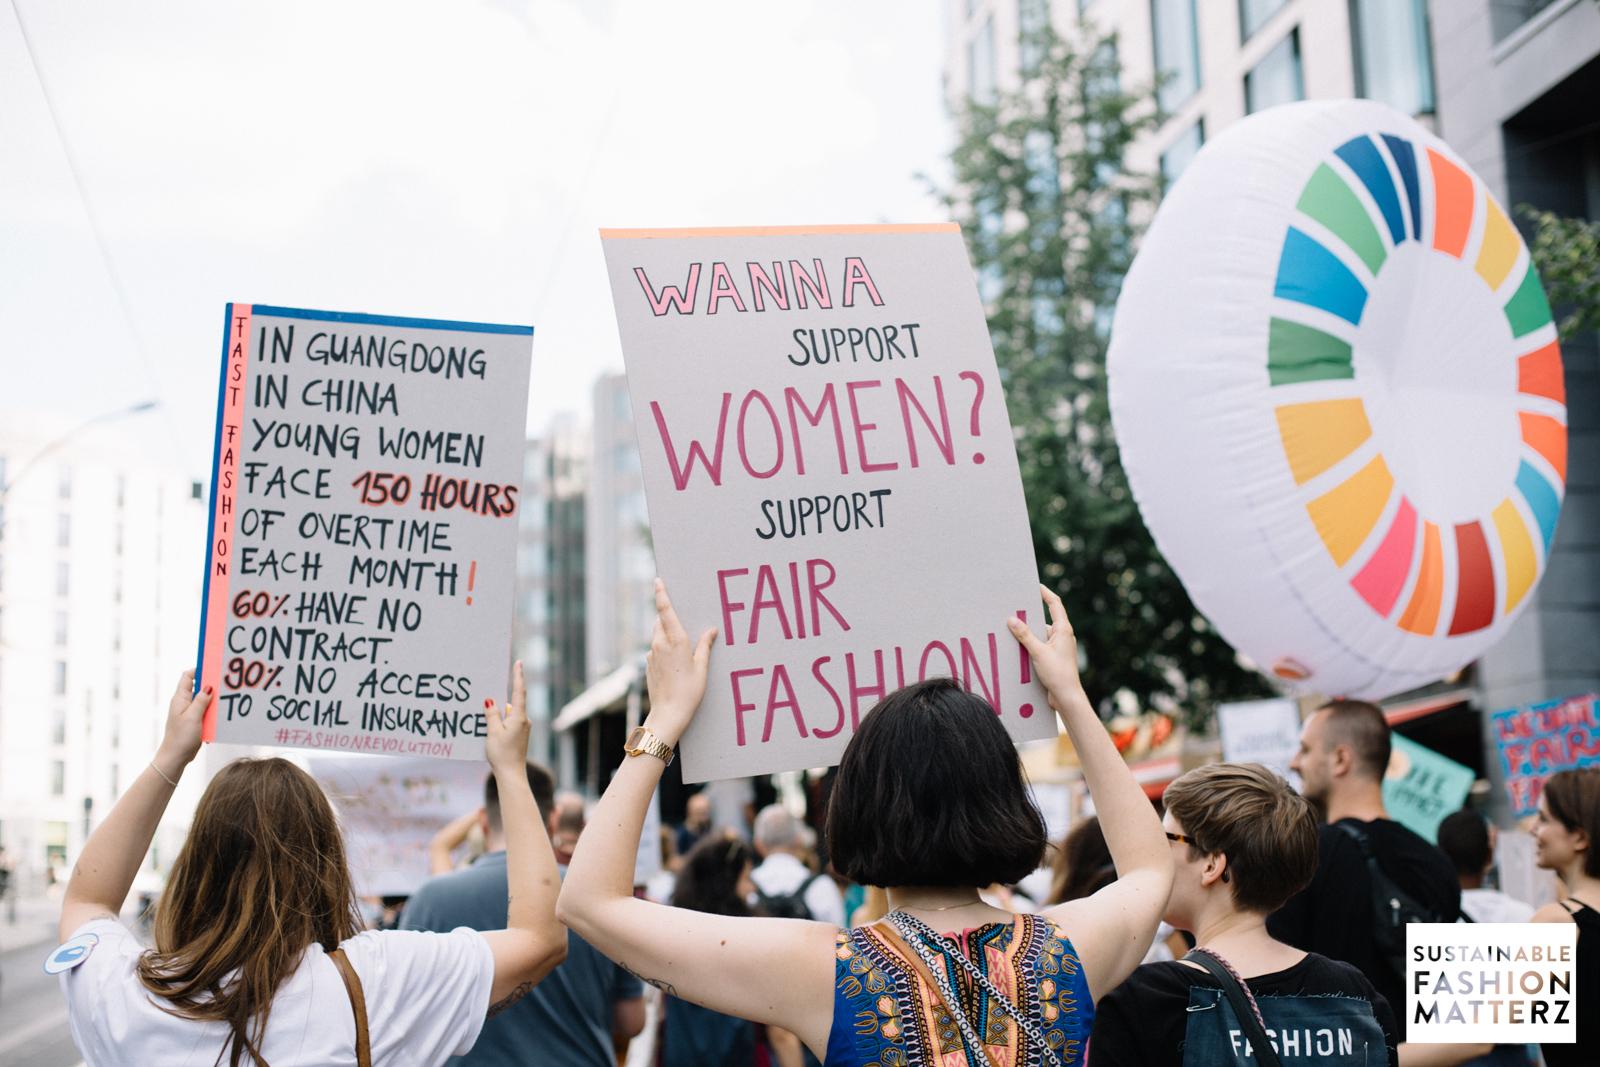 fashion-revolution-berlin-2019-39.jpg